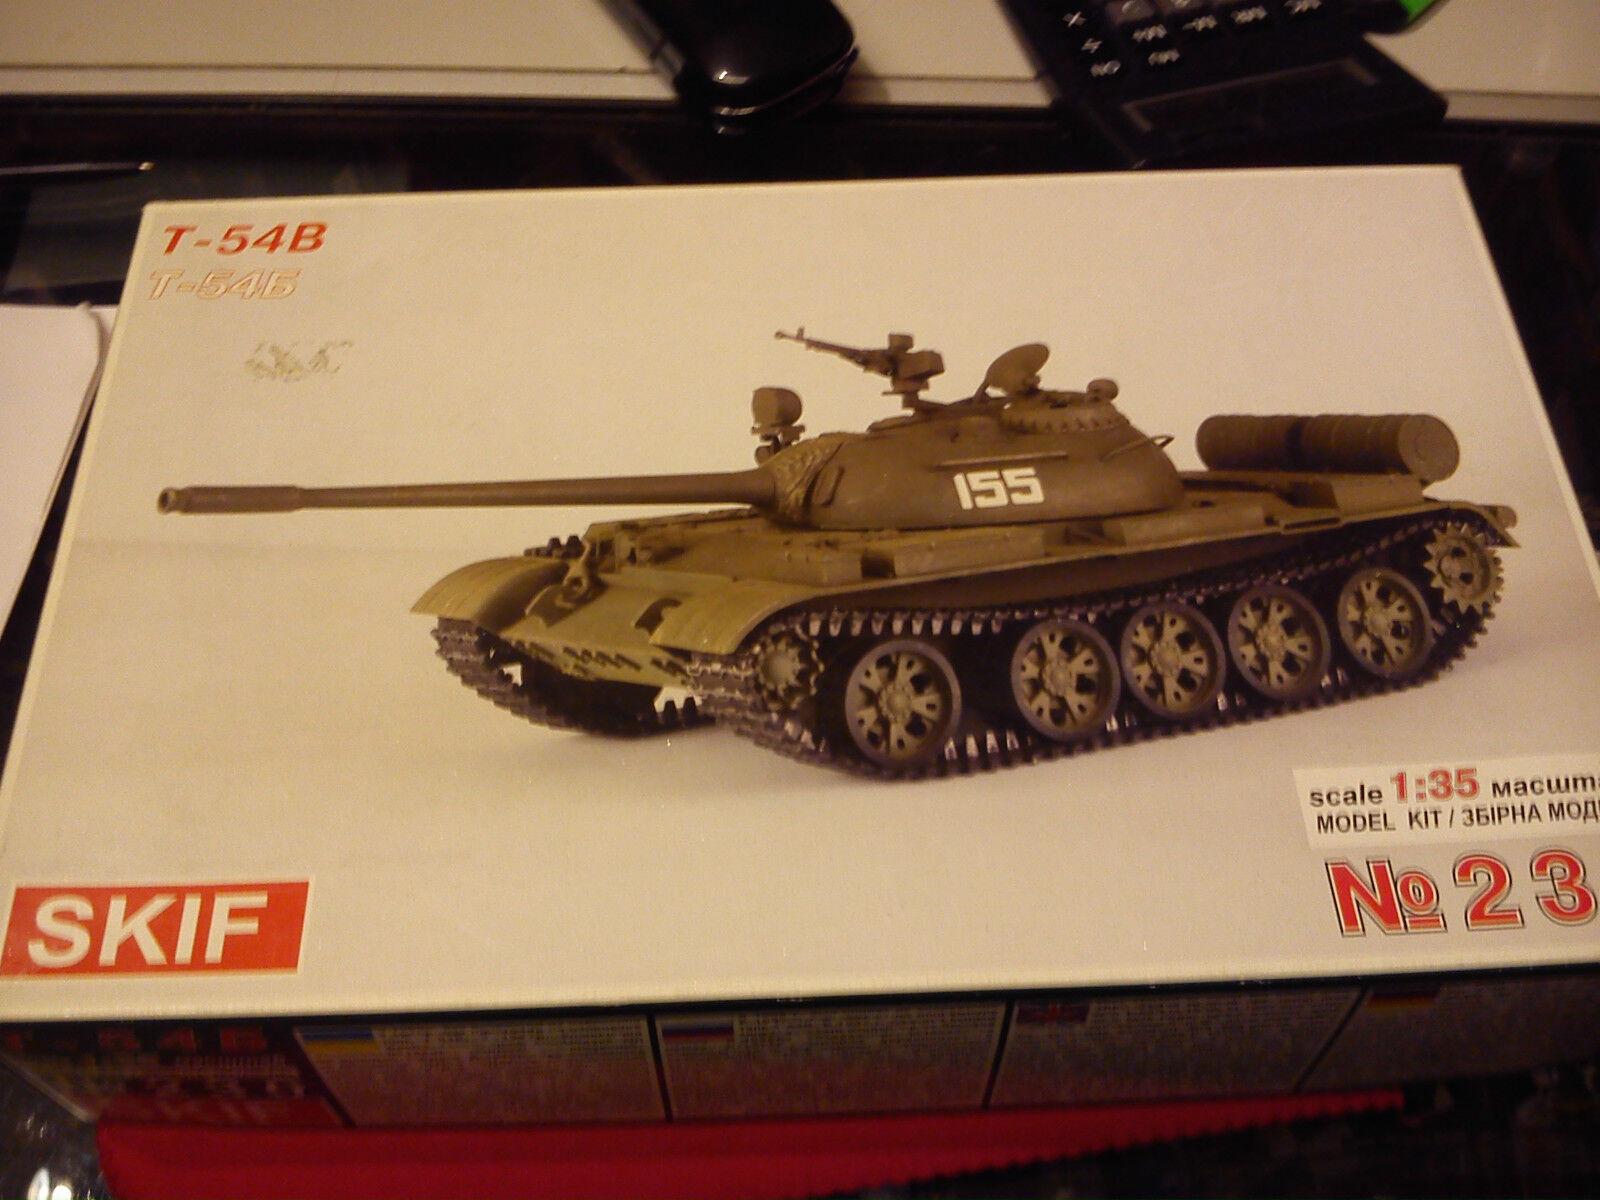 SKIF 1 35 T-54B MEDIUM TANK